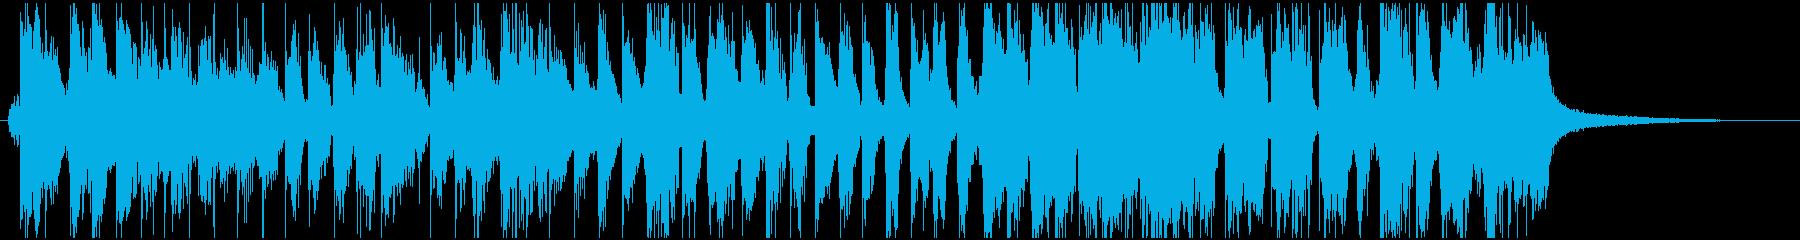 明るくファンキーなオルガン ジングルの再生済みの波形